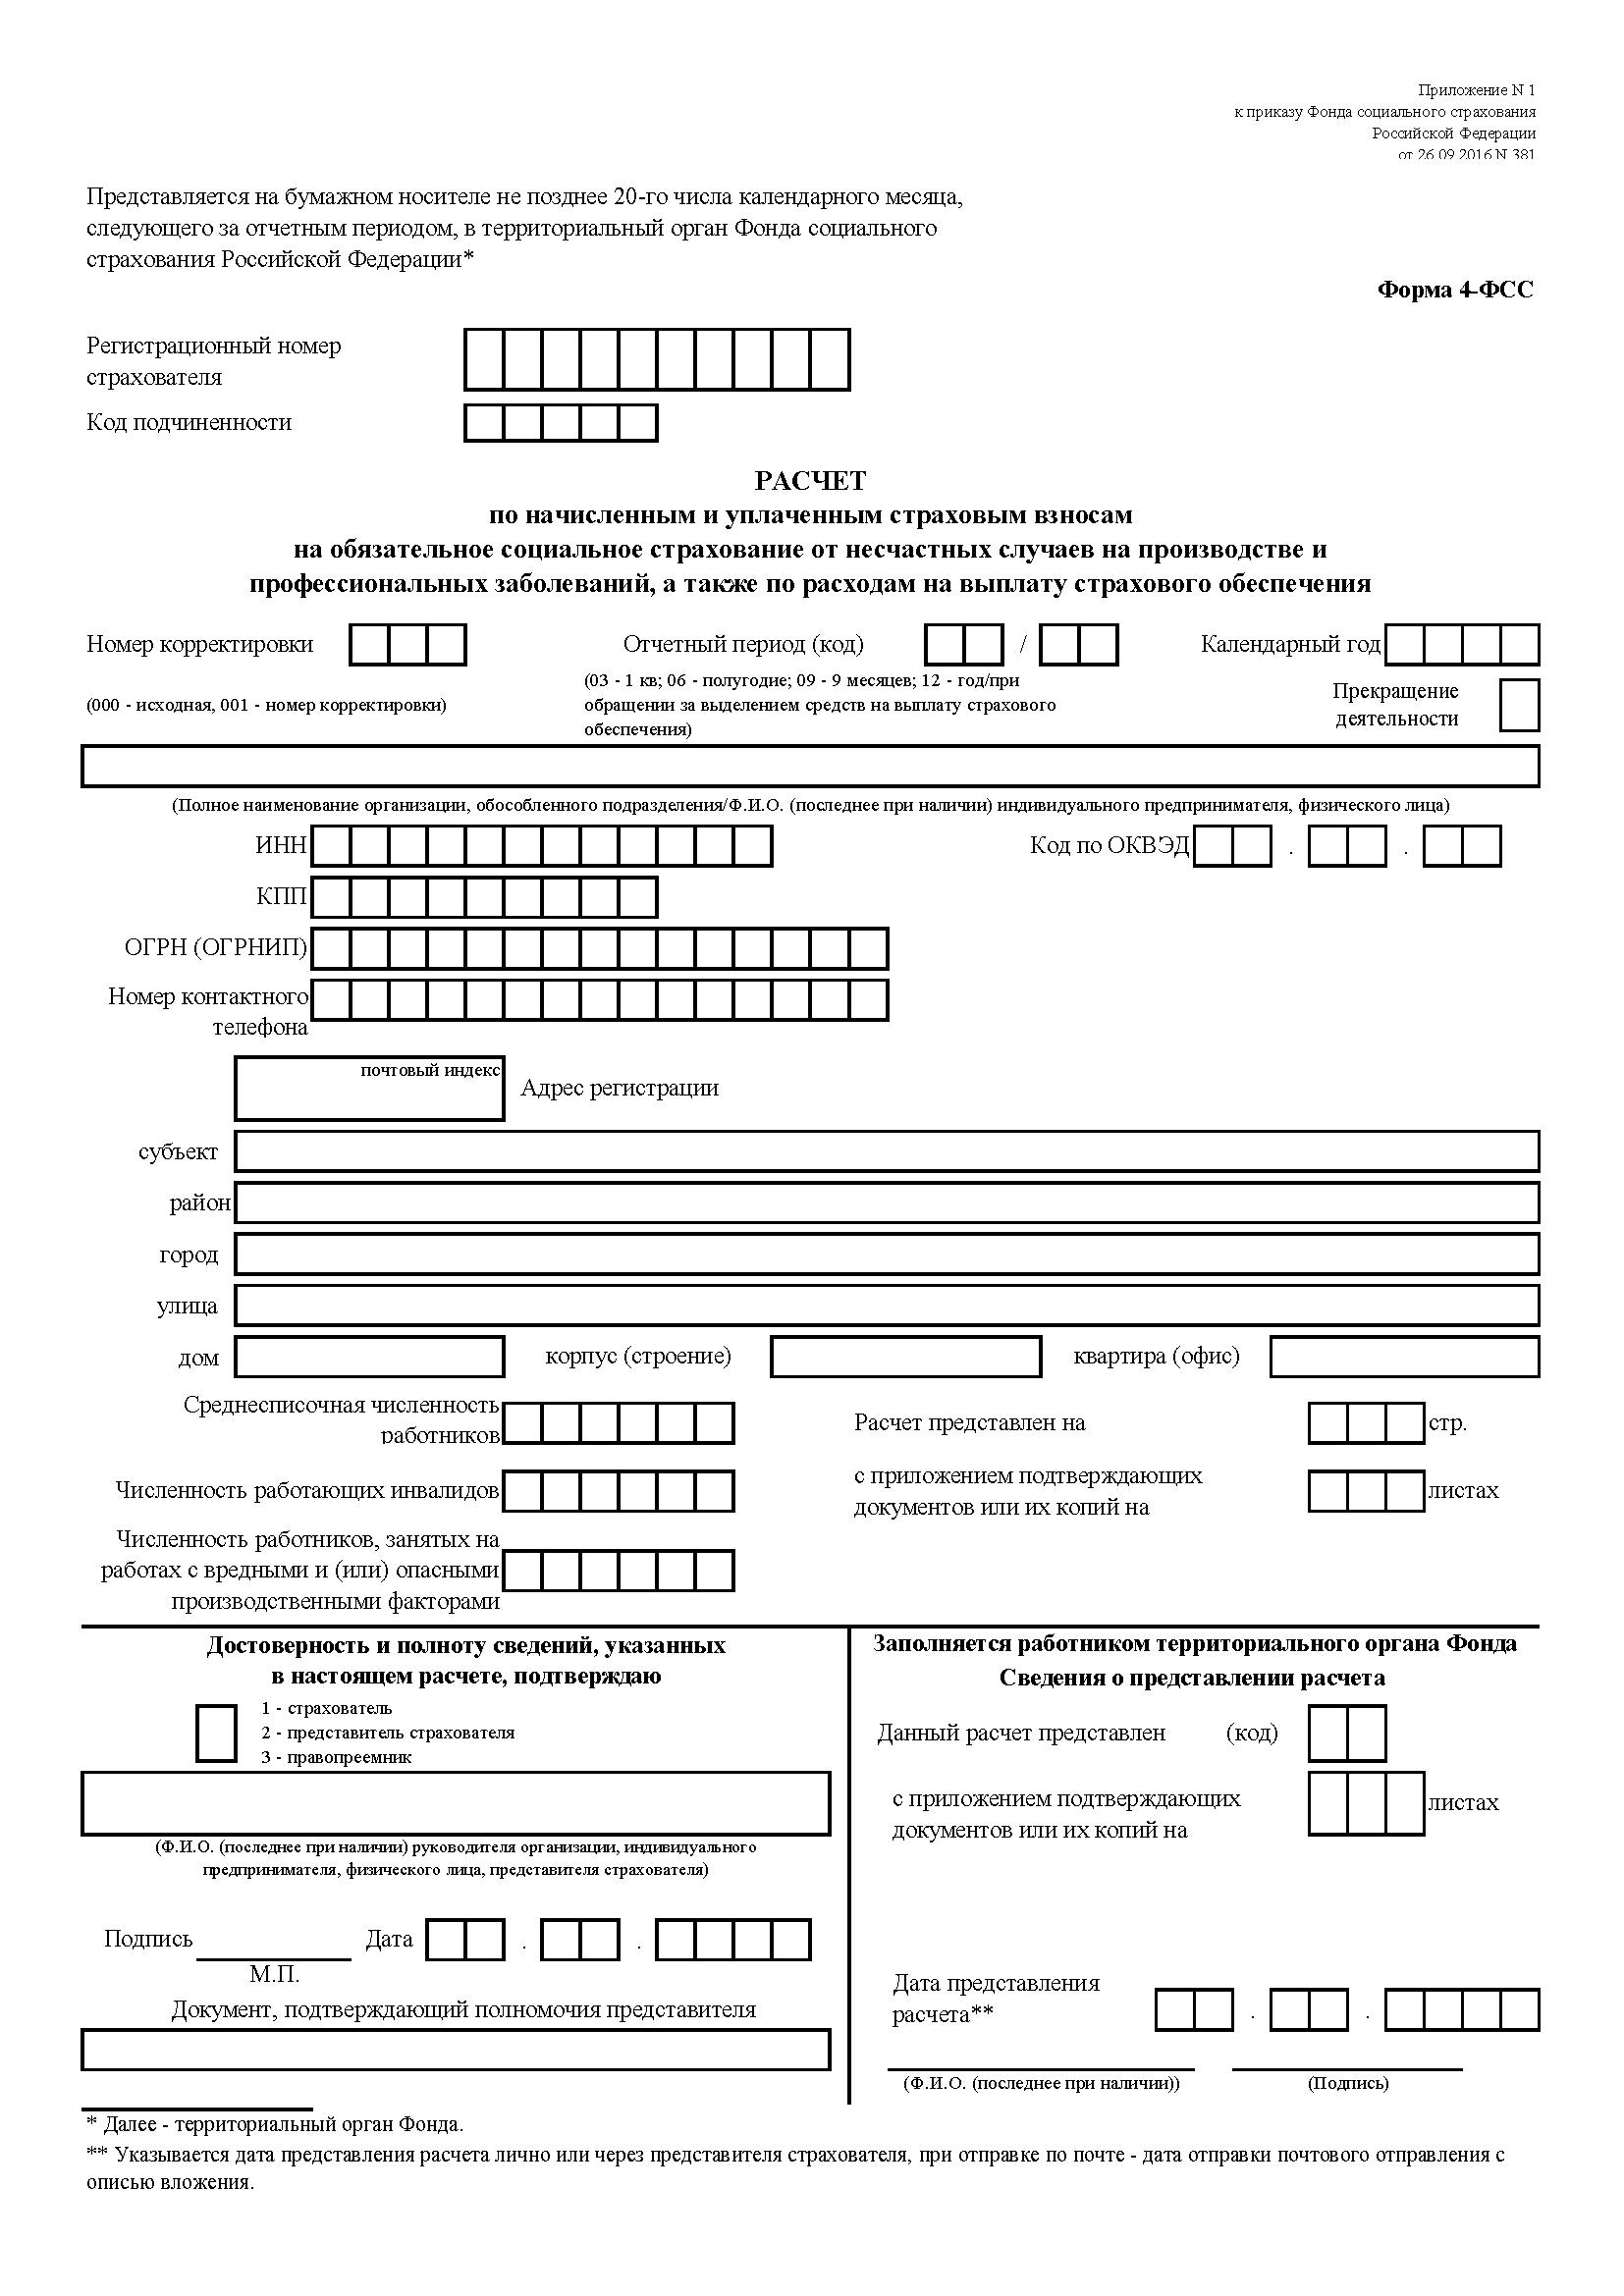 инструкция к заполнению формы 26.2-1